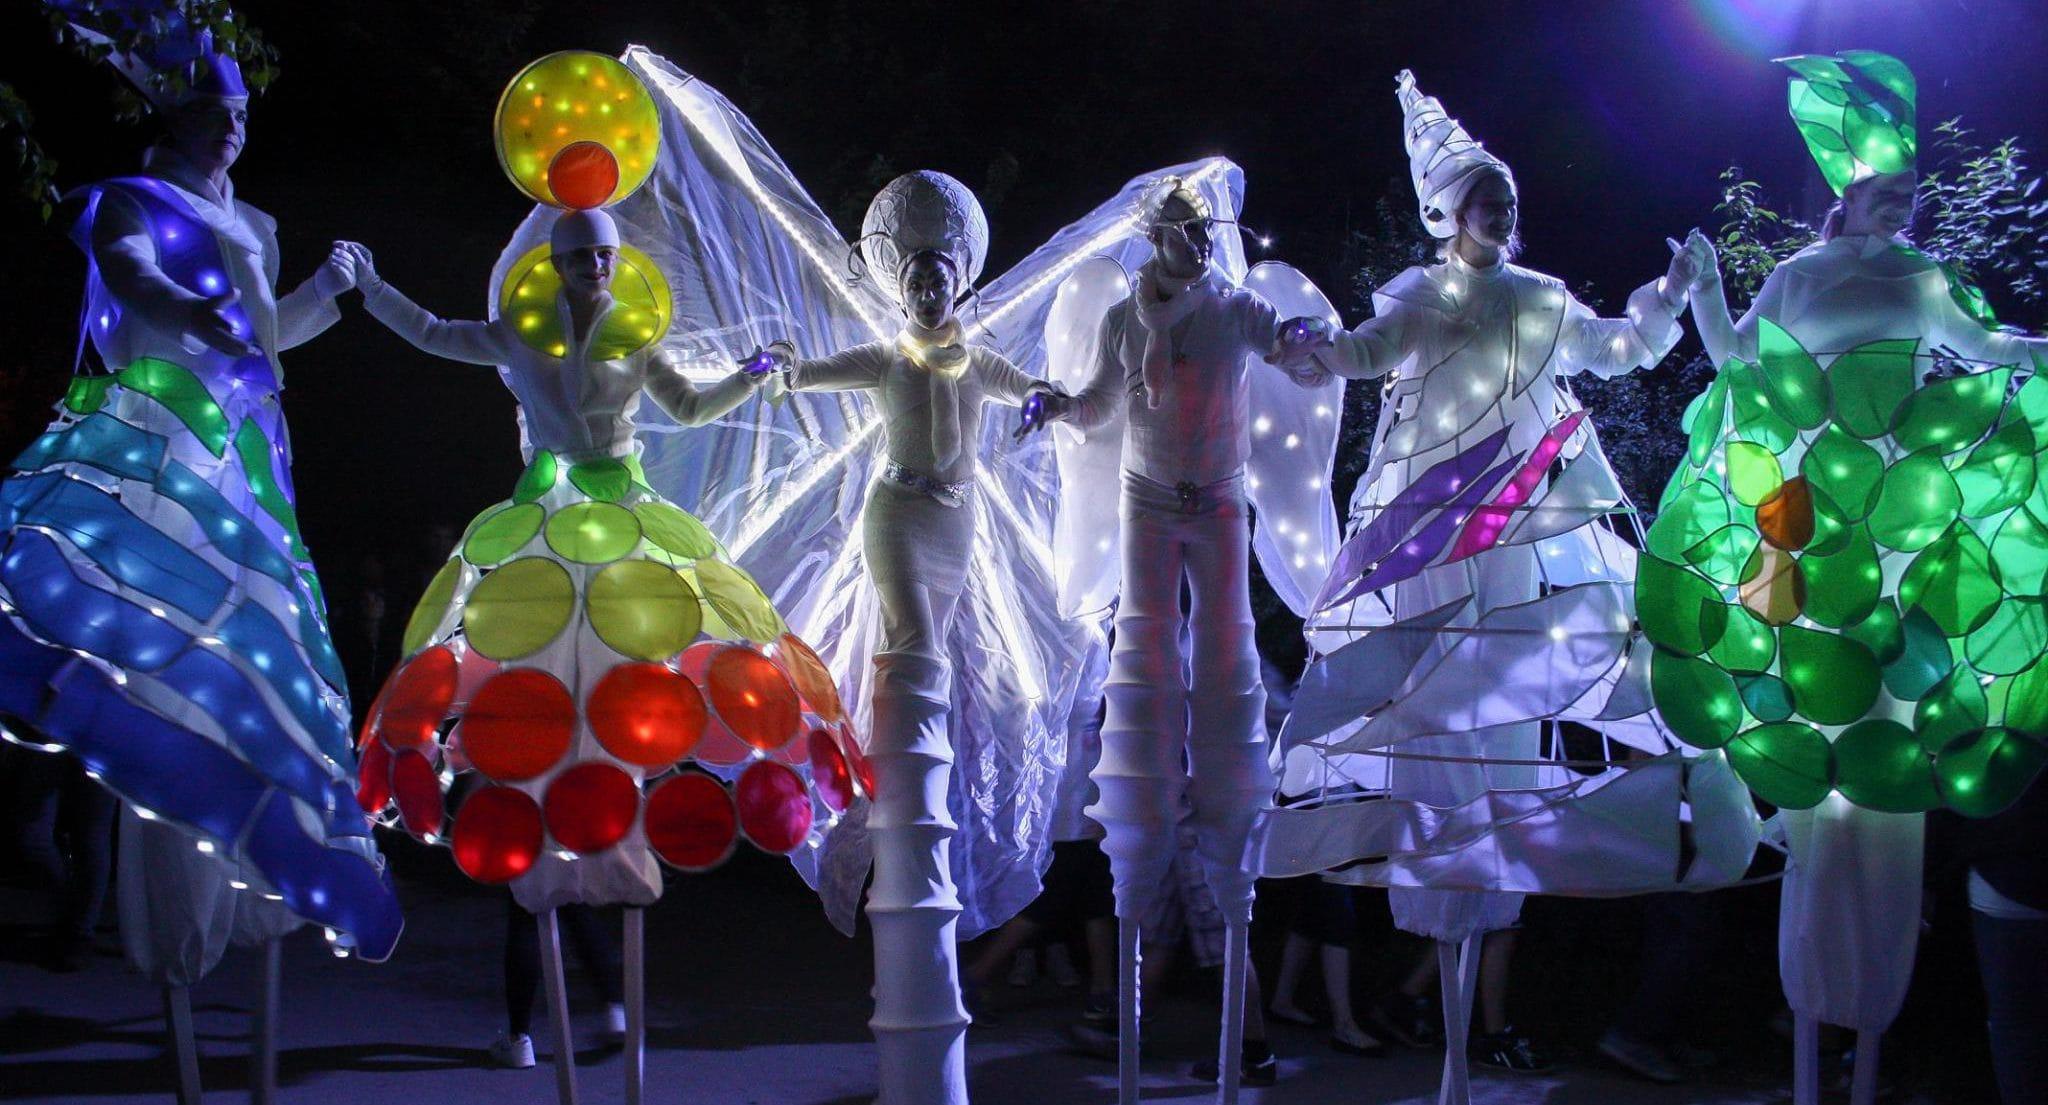 Sechs Lichtgestalten auf Stelzen, Walk Act von Williams and Friends Entertainment